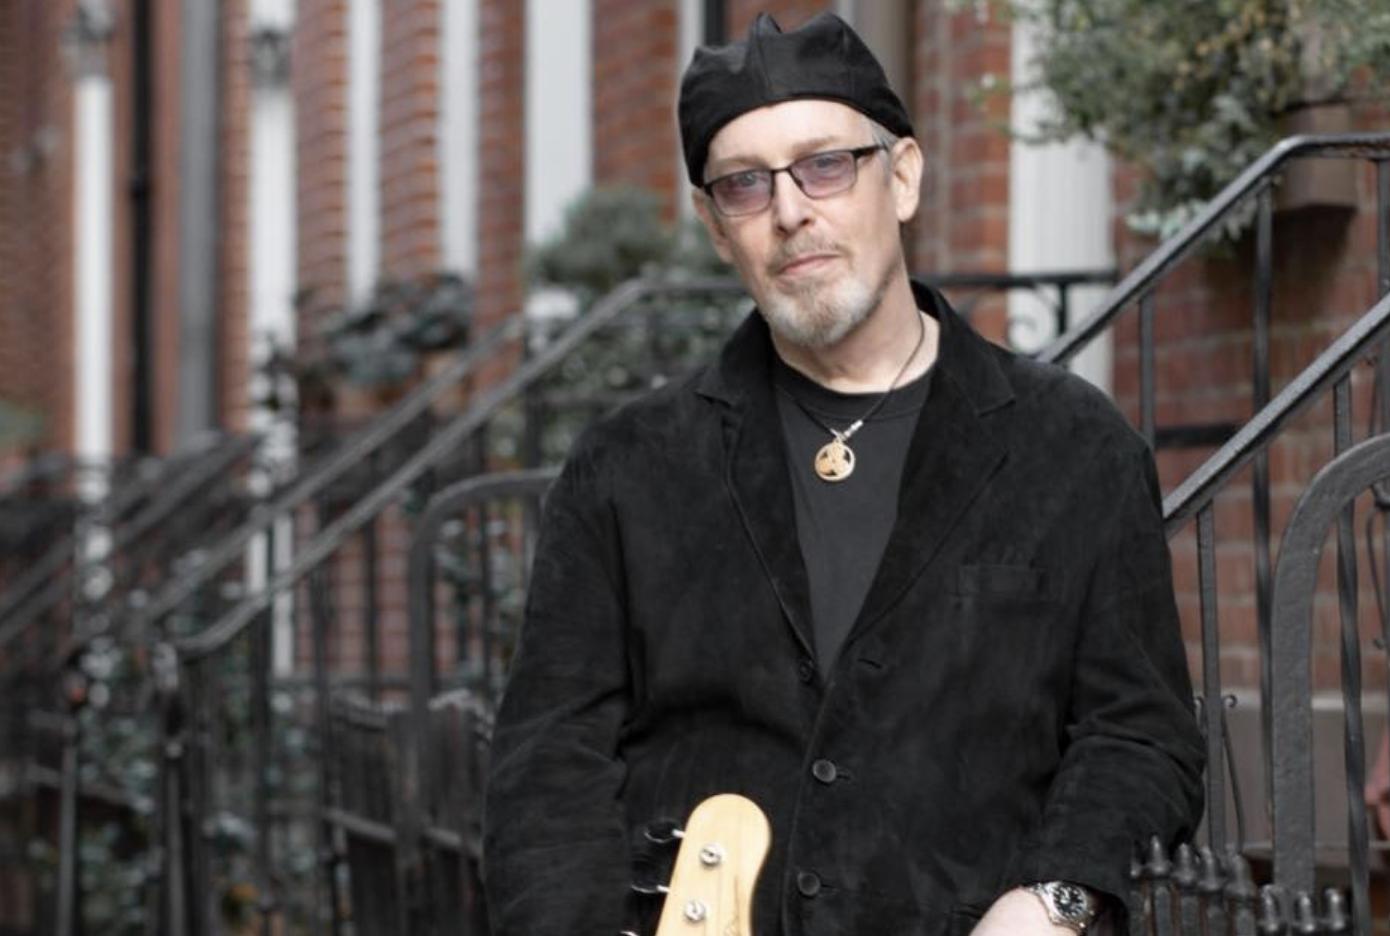 Jeff Andrews 1960-2018